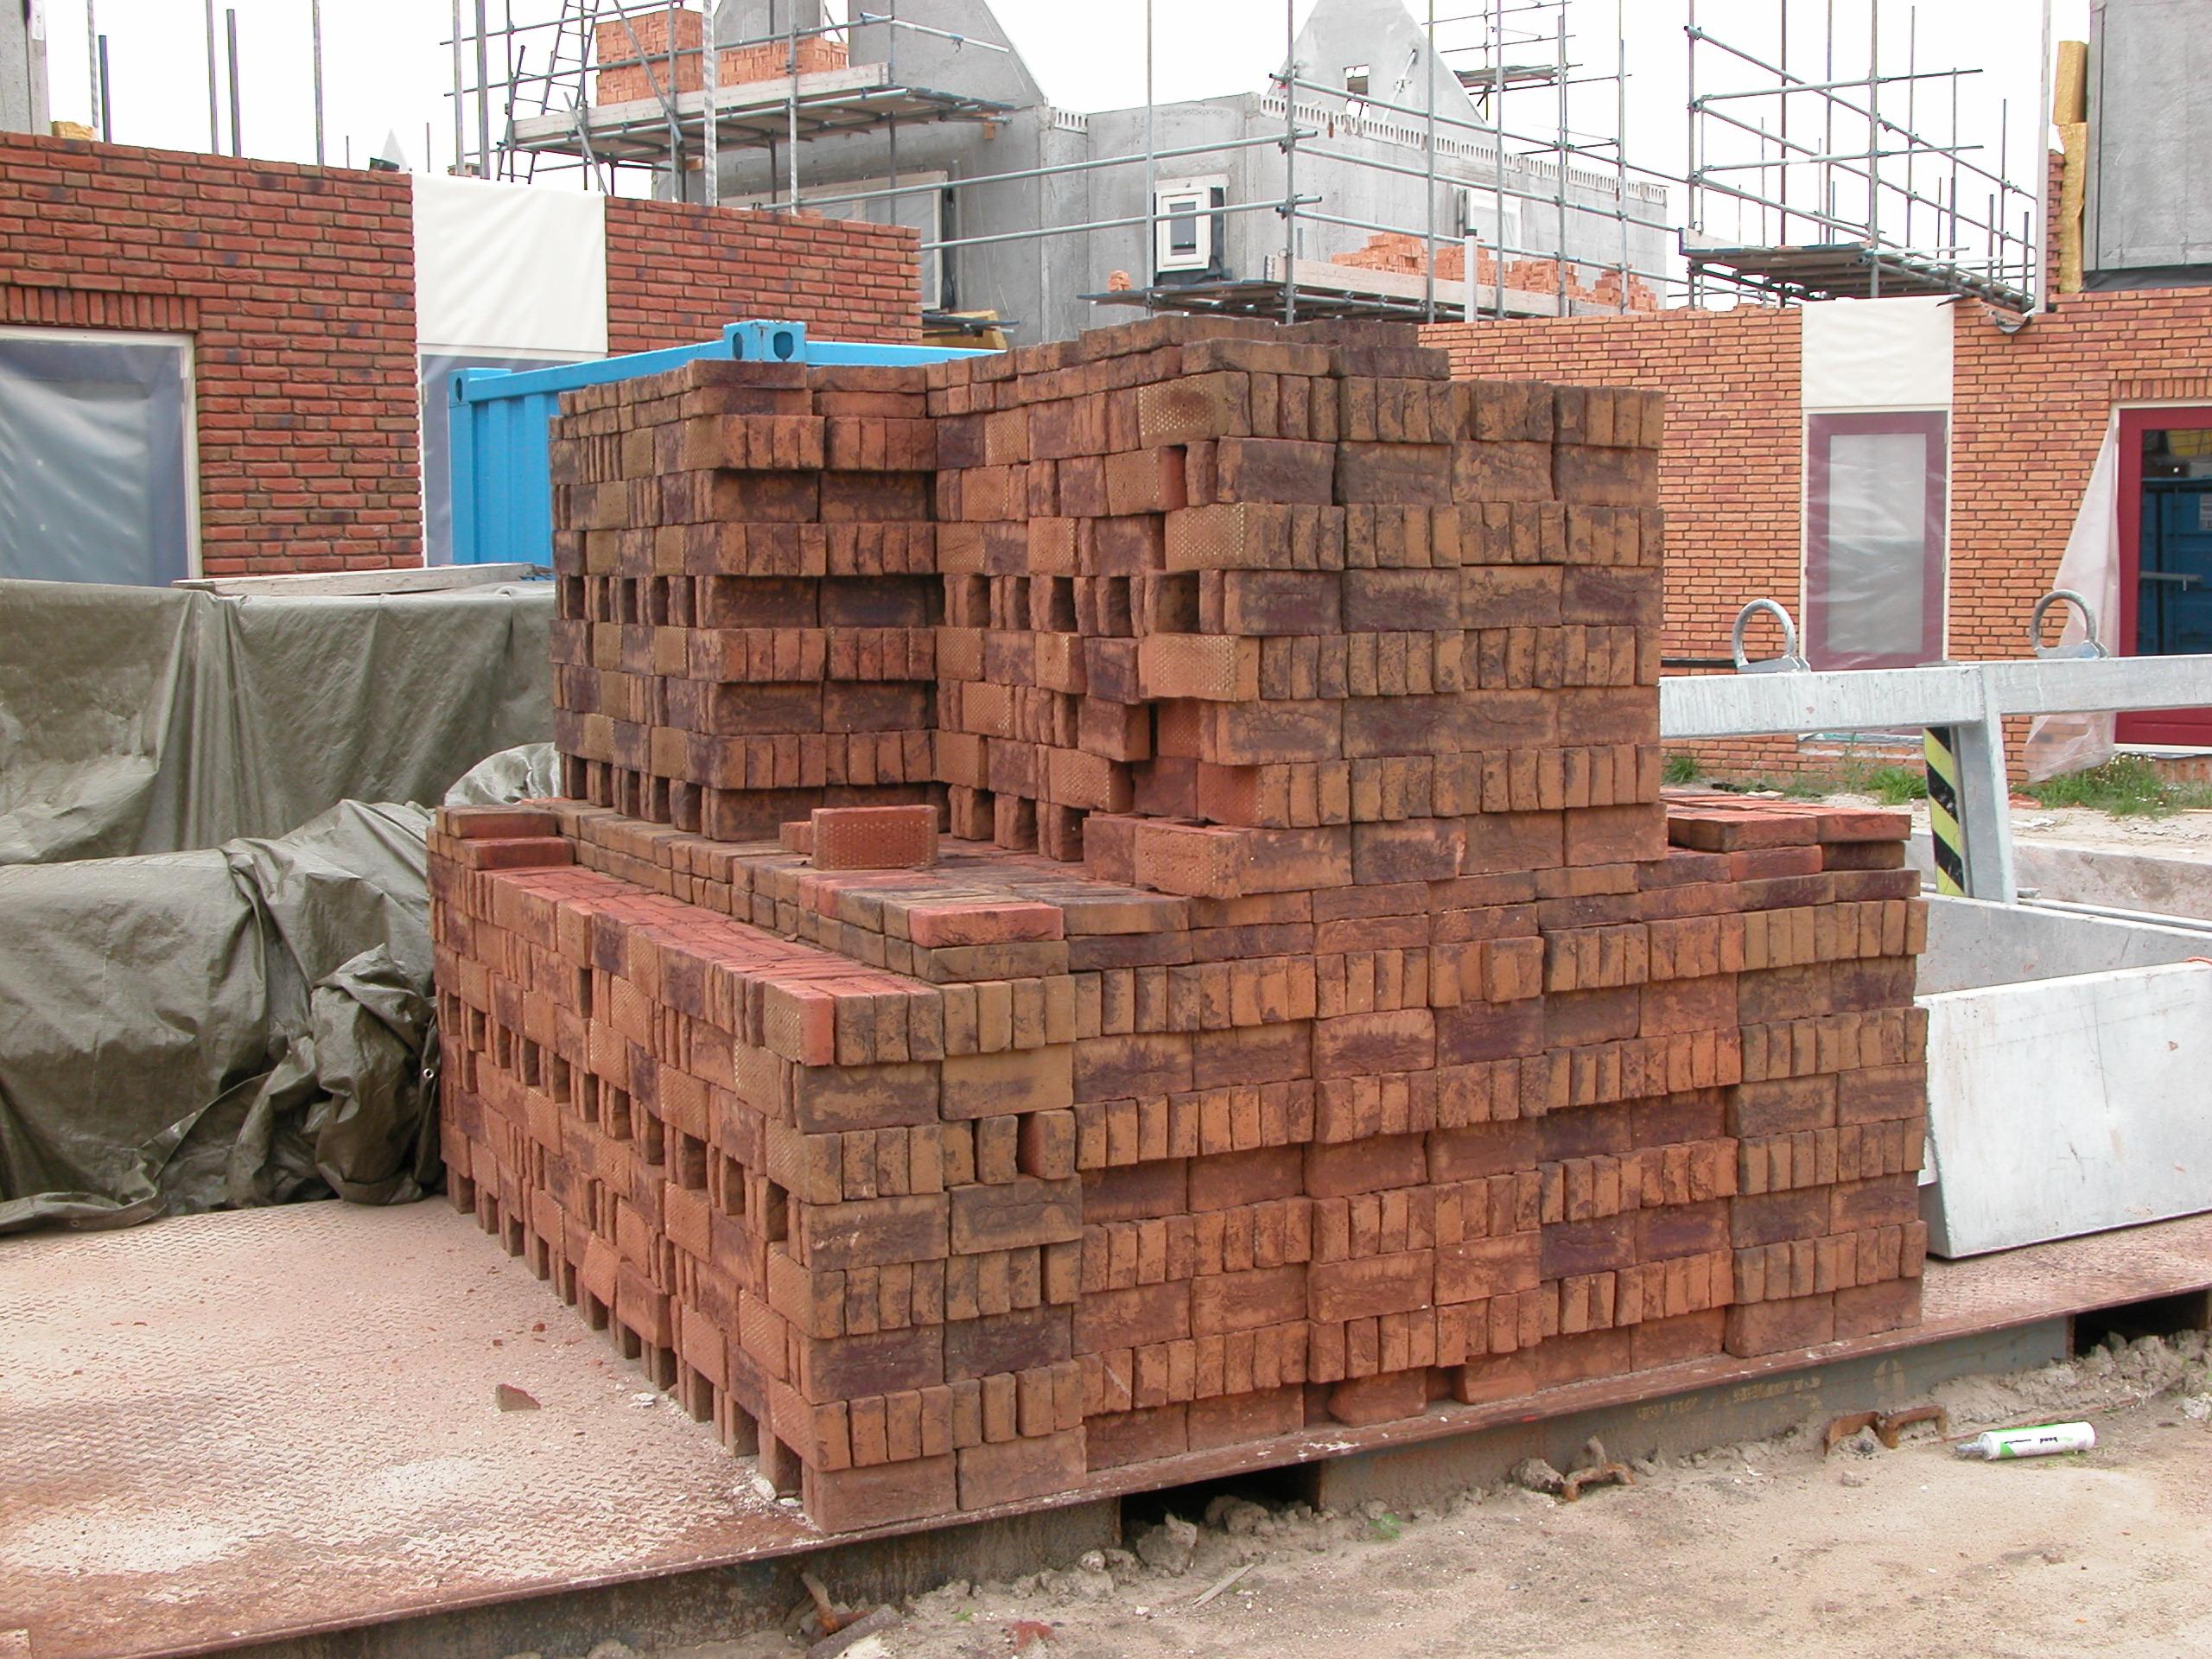 brick bricks construction site constructing pile heap pallet